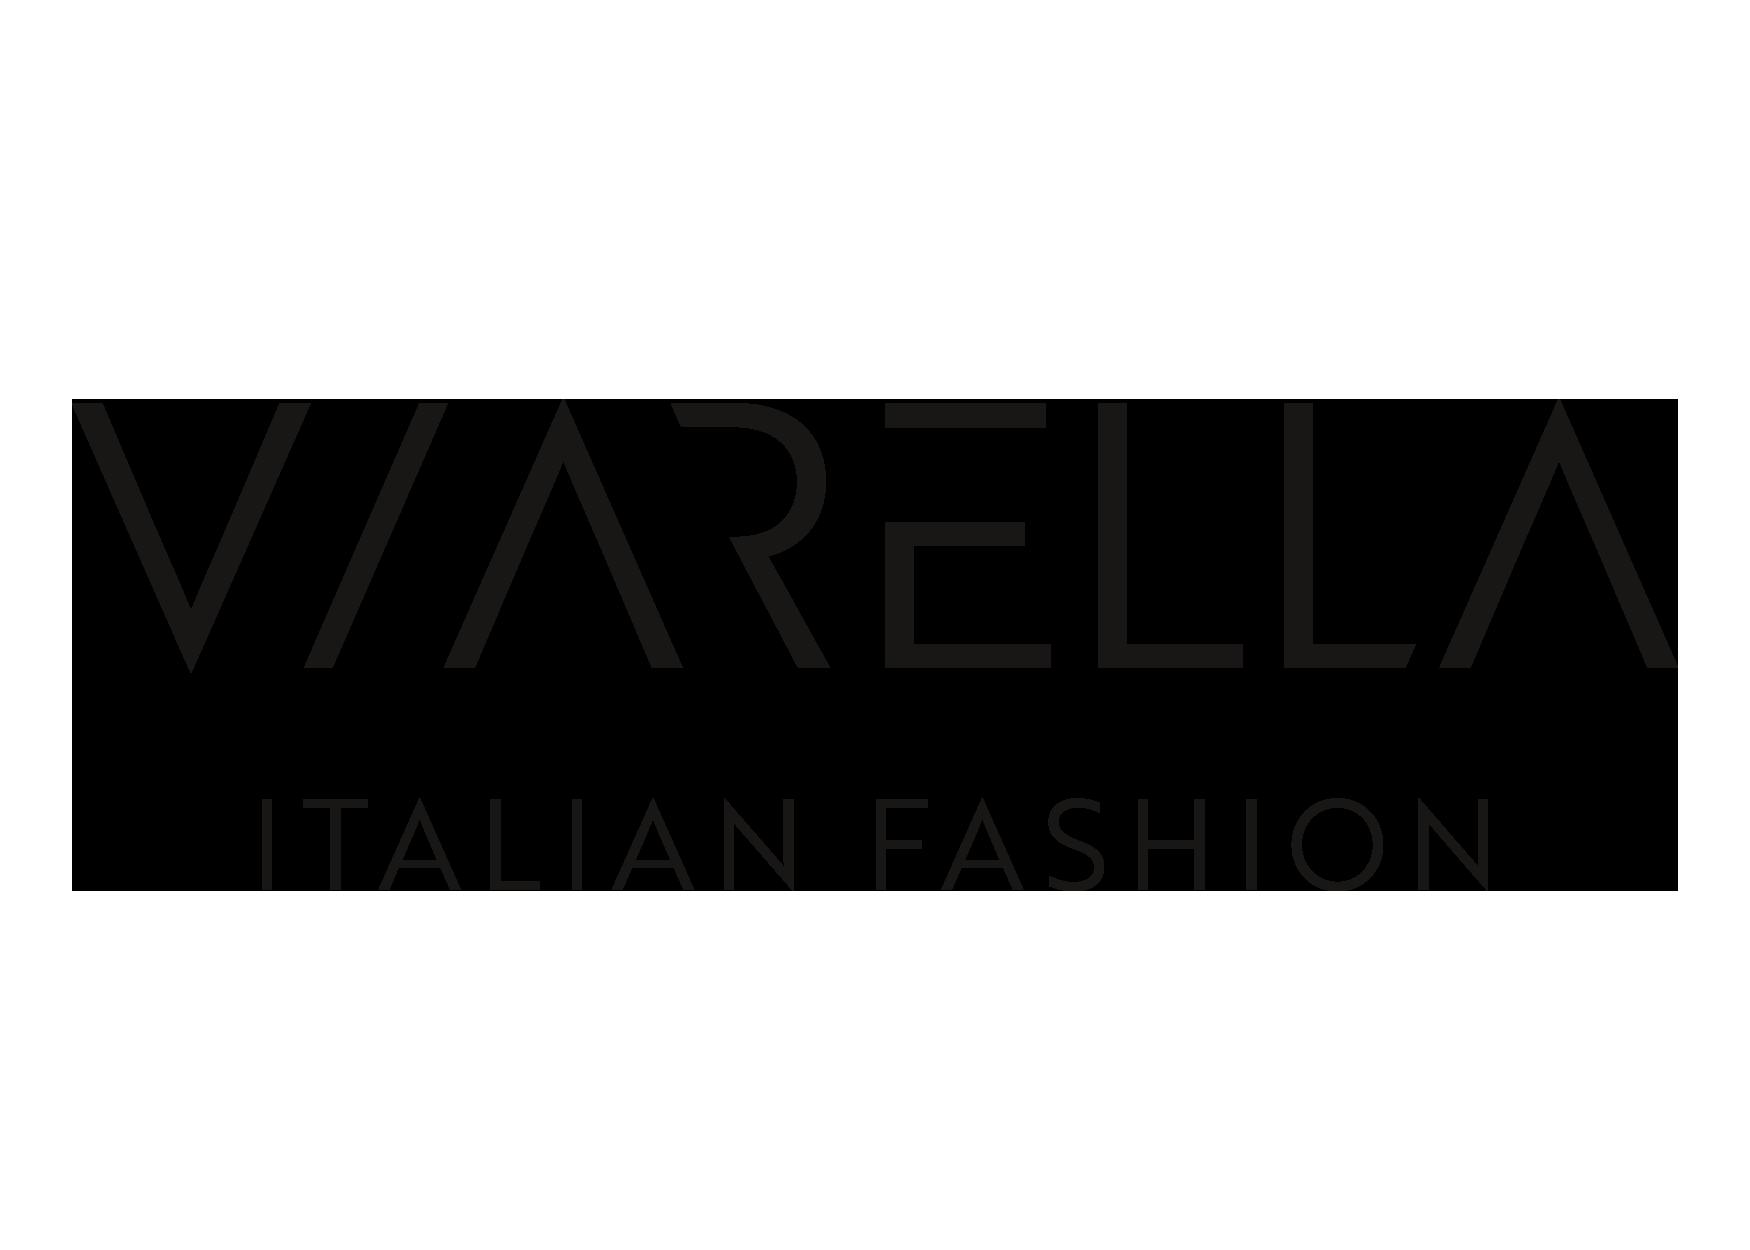 Viarella Logo schwarz | Werbeagentur Roland C. Ritter